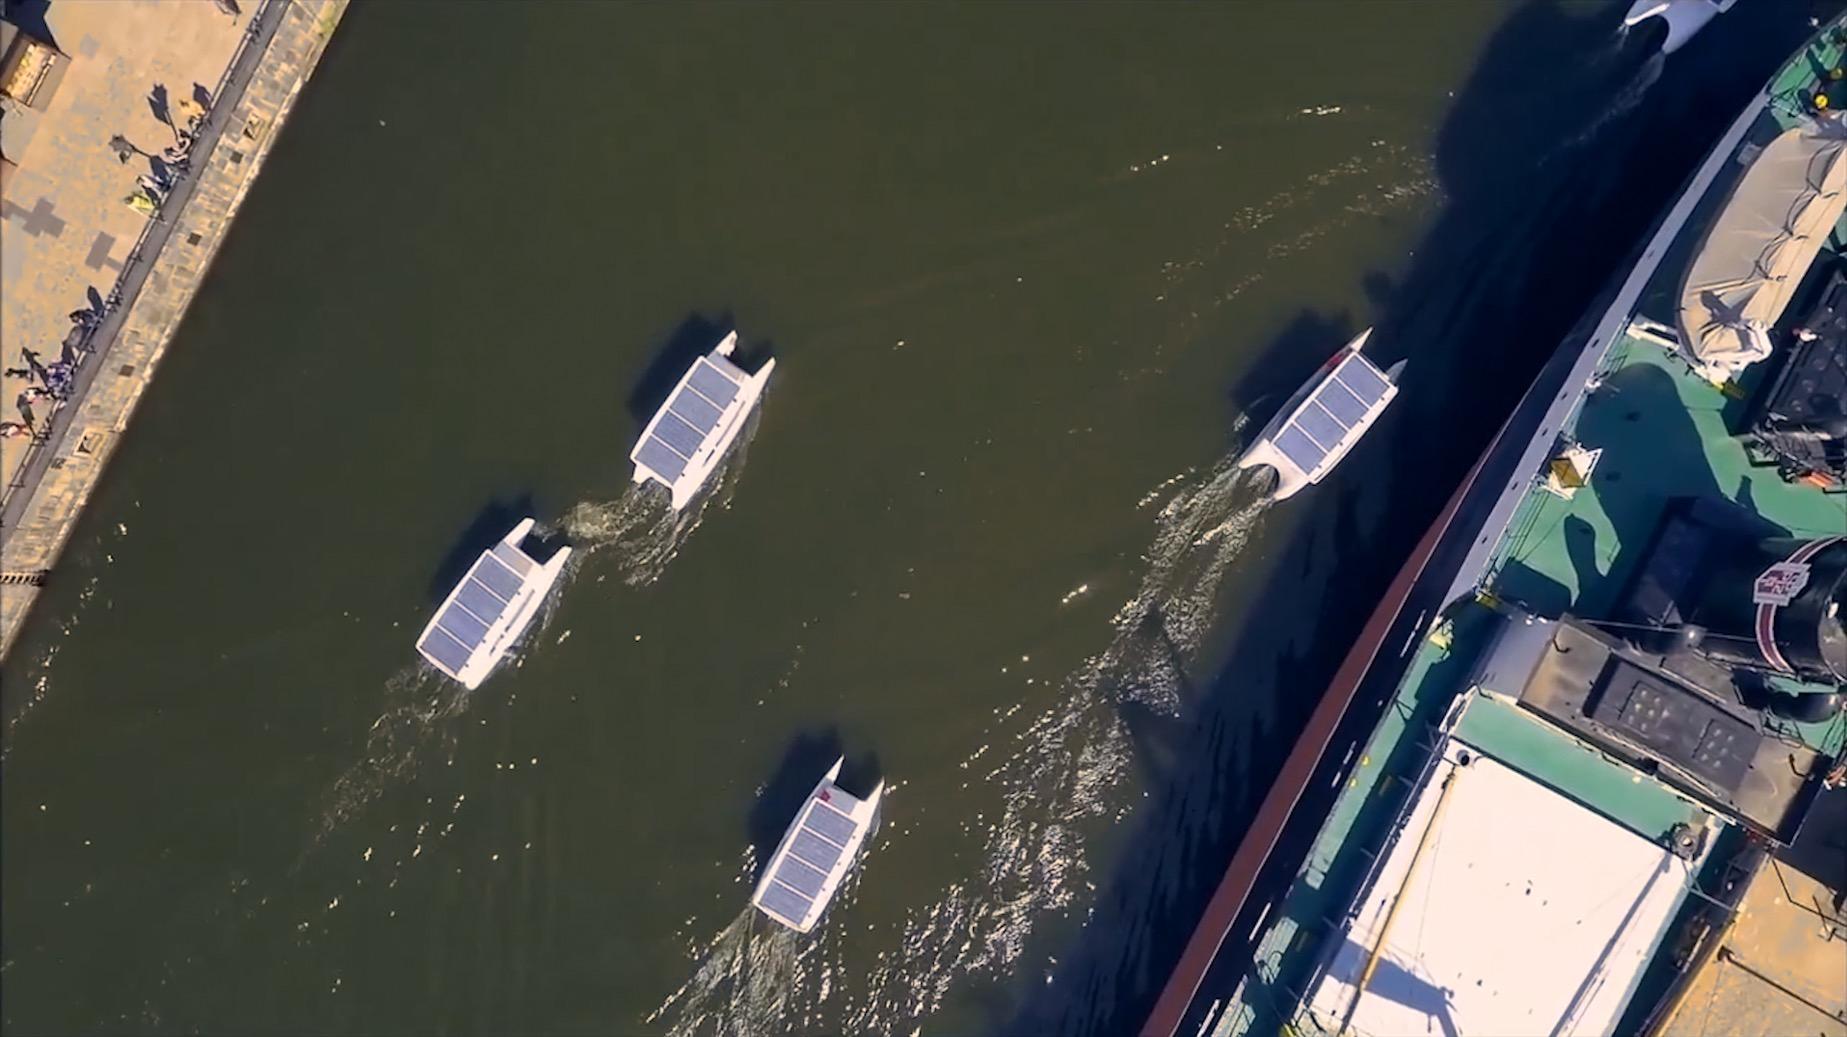 لا يغرّنكم حجم هذا القارب فسره يكمن في سقفه